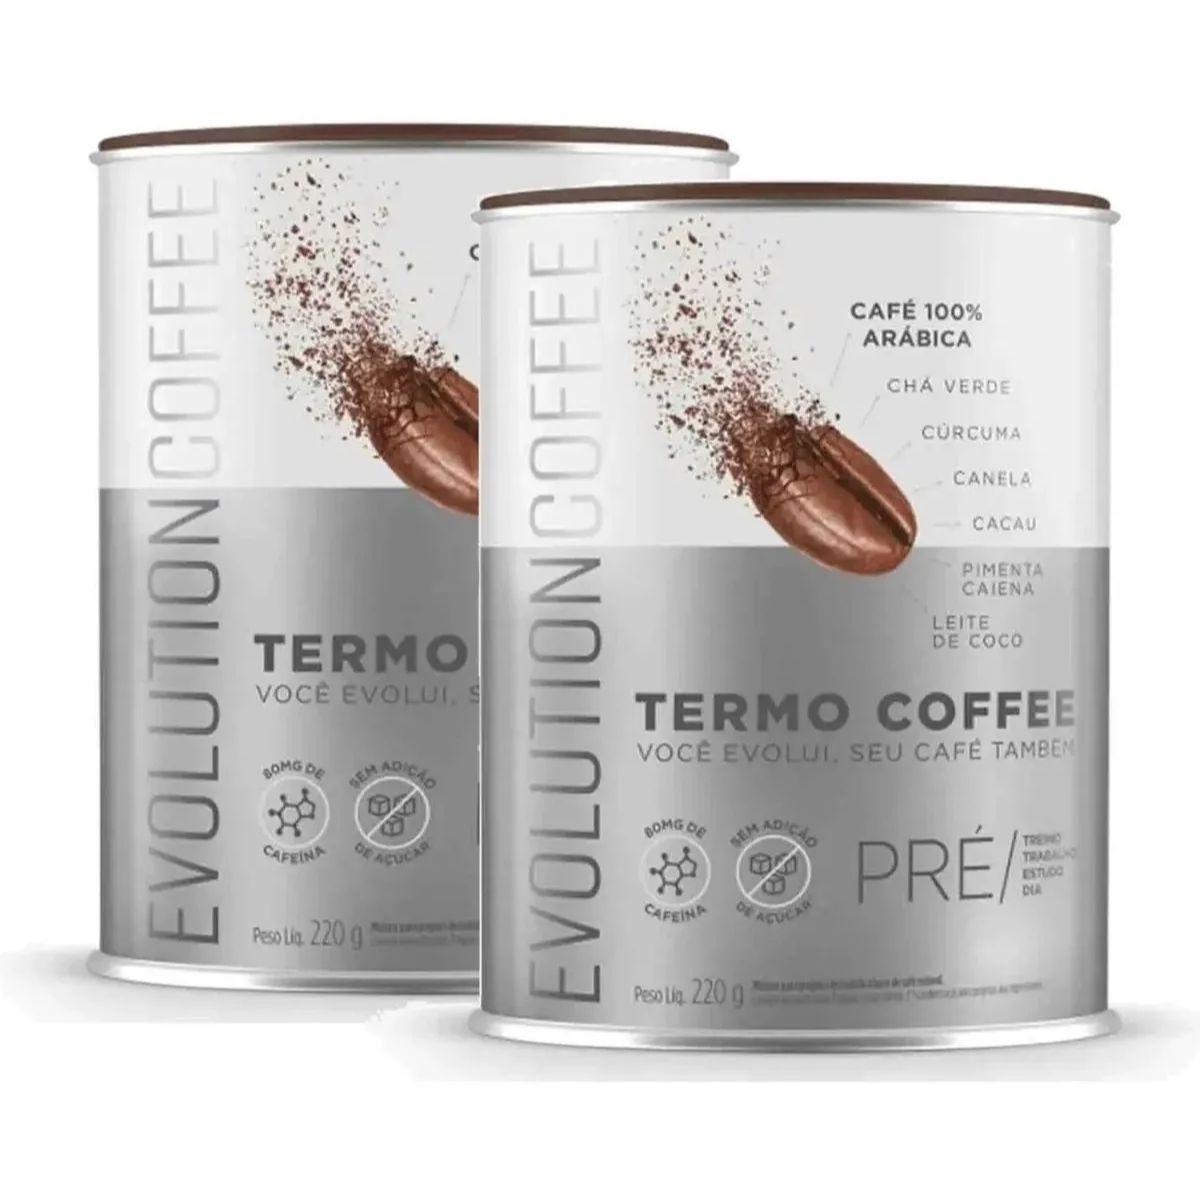 2 Termo Coffee Evolution Original Café Termogênico